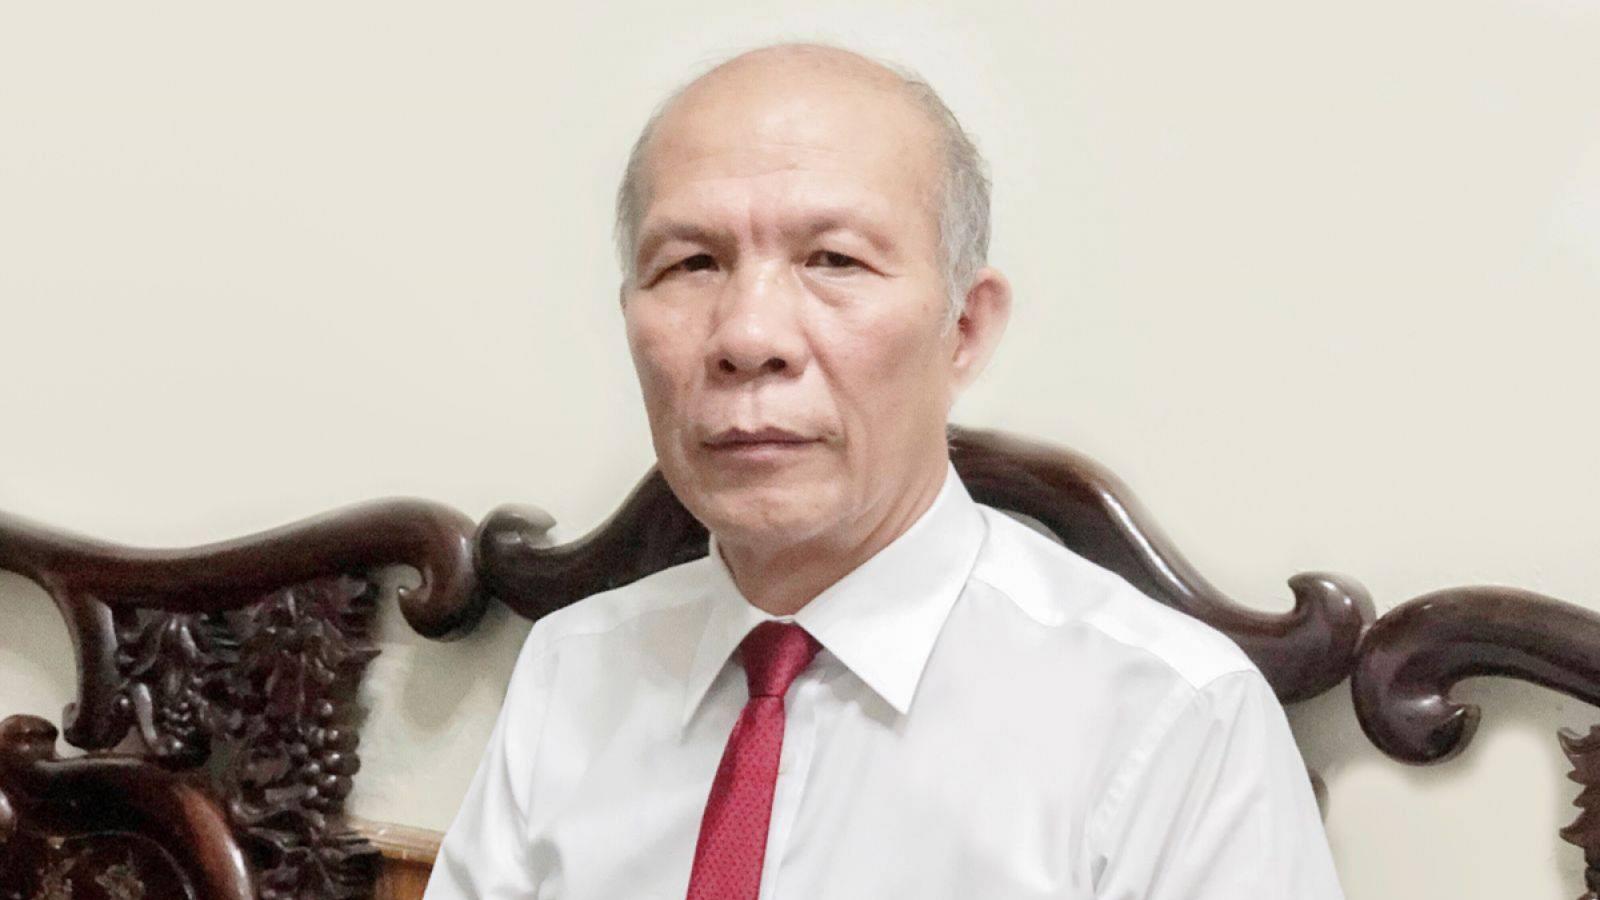 Việt Nam vào danh sách thao túng tiền tệ: Mỹ cần có những xem xét cho phù hợp